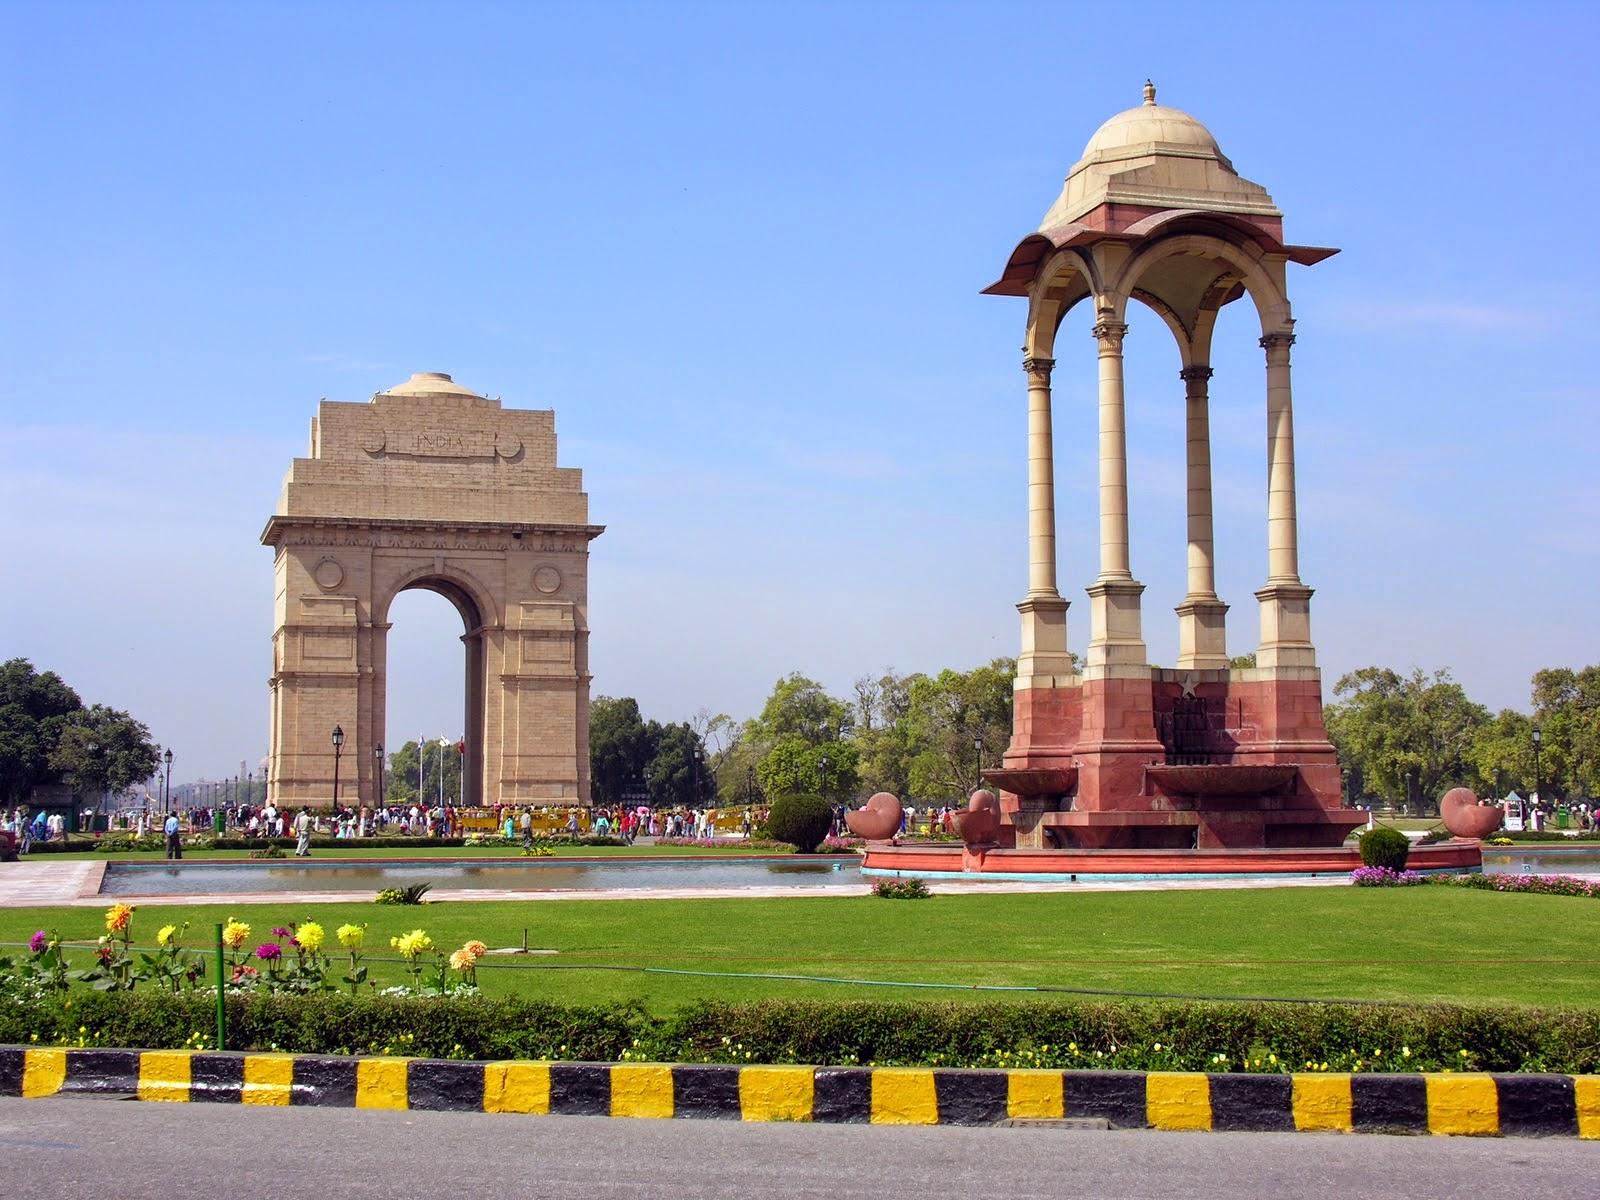 voyage delhi inde aryavrittravels tour